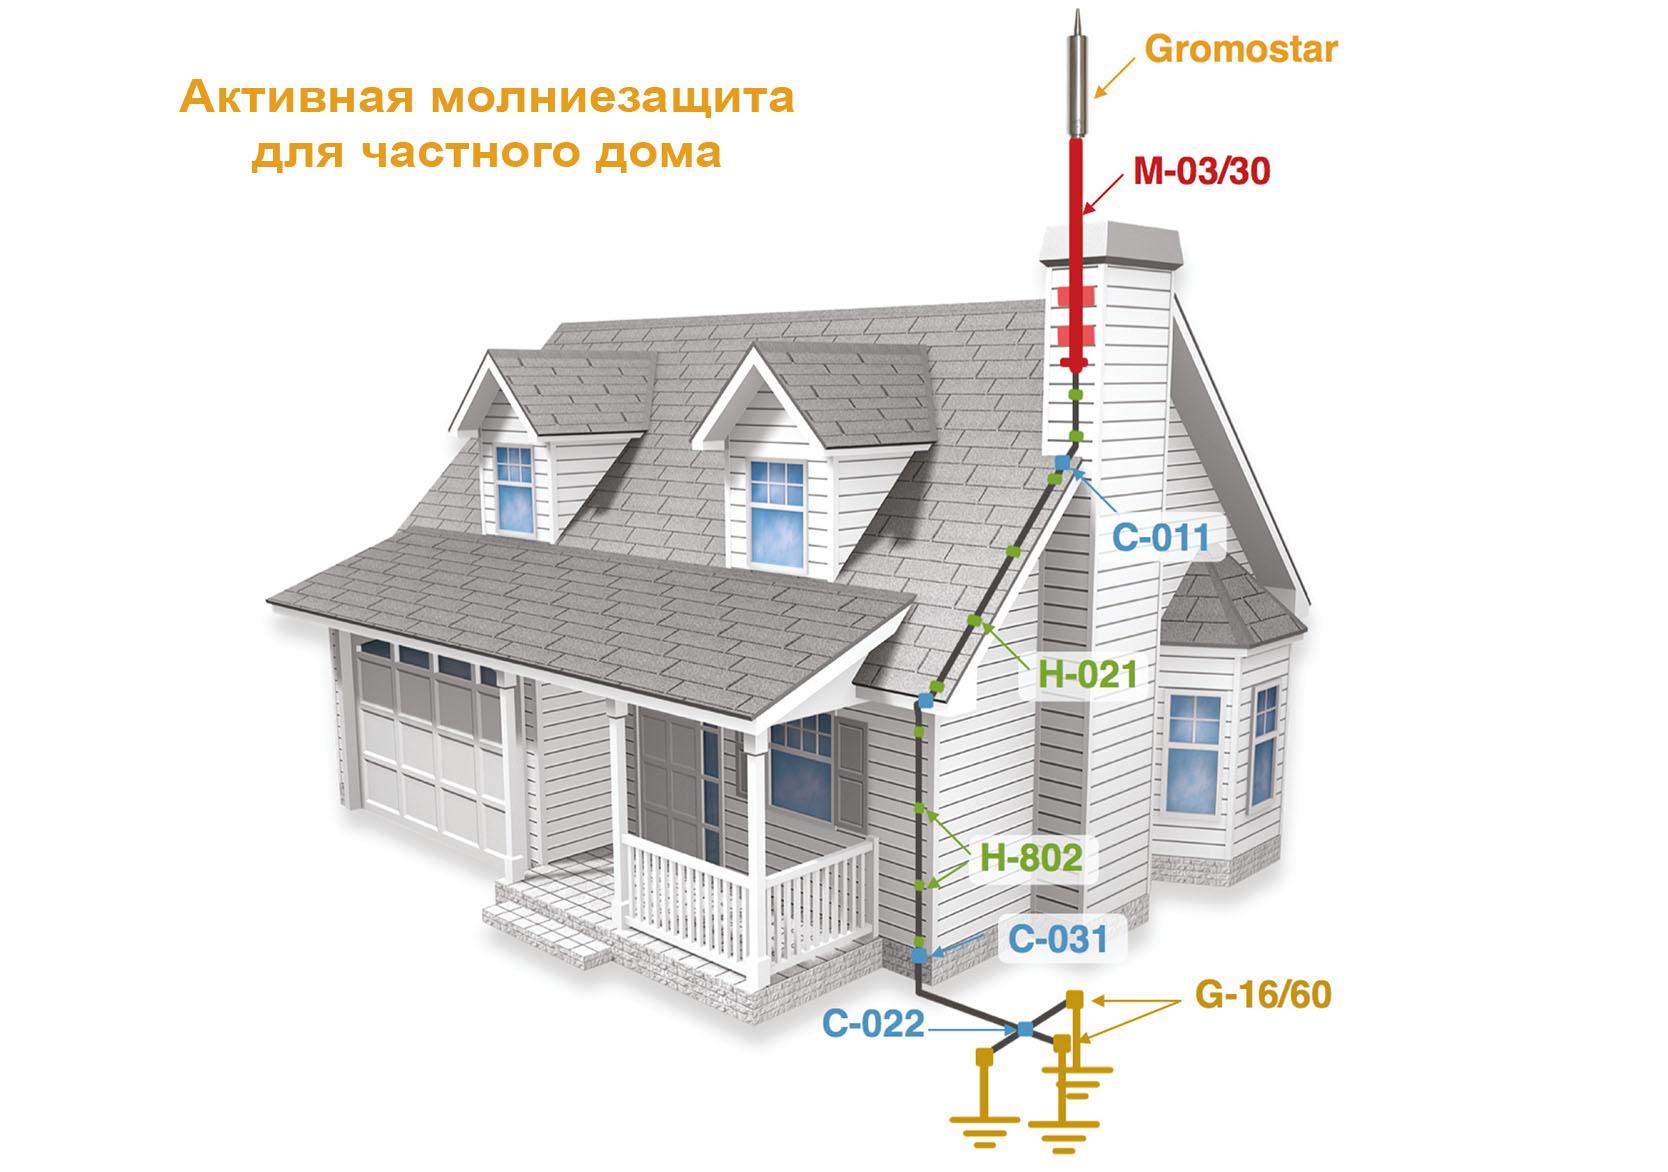 Как выбрать правильный материал для молниезащиты и заземления дома